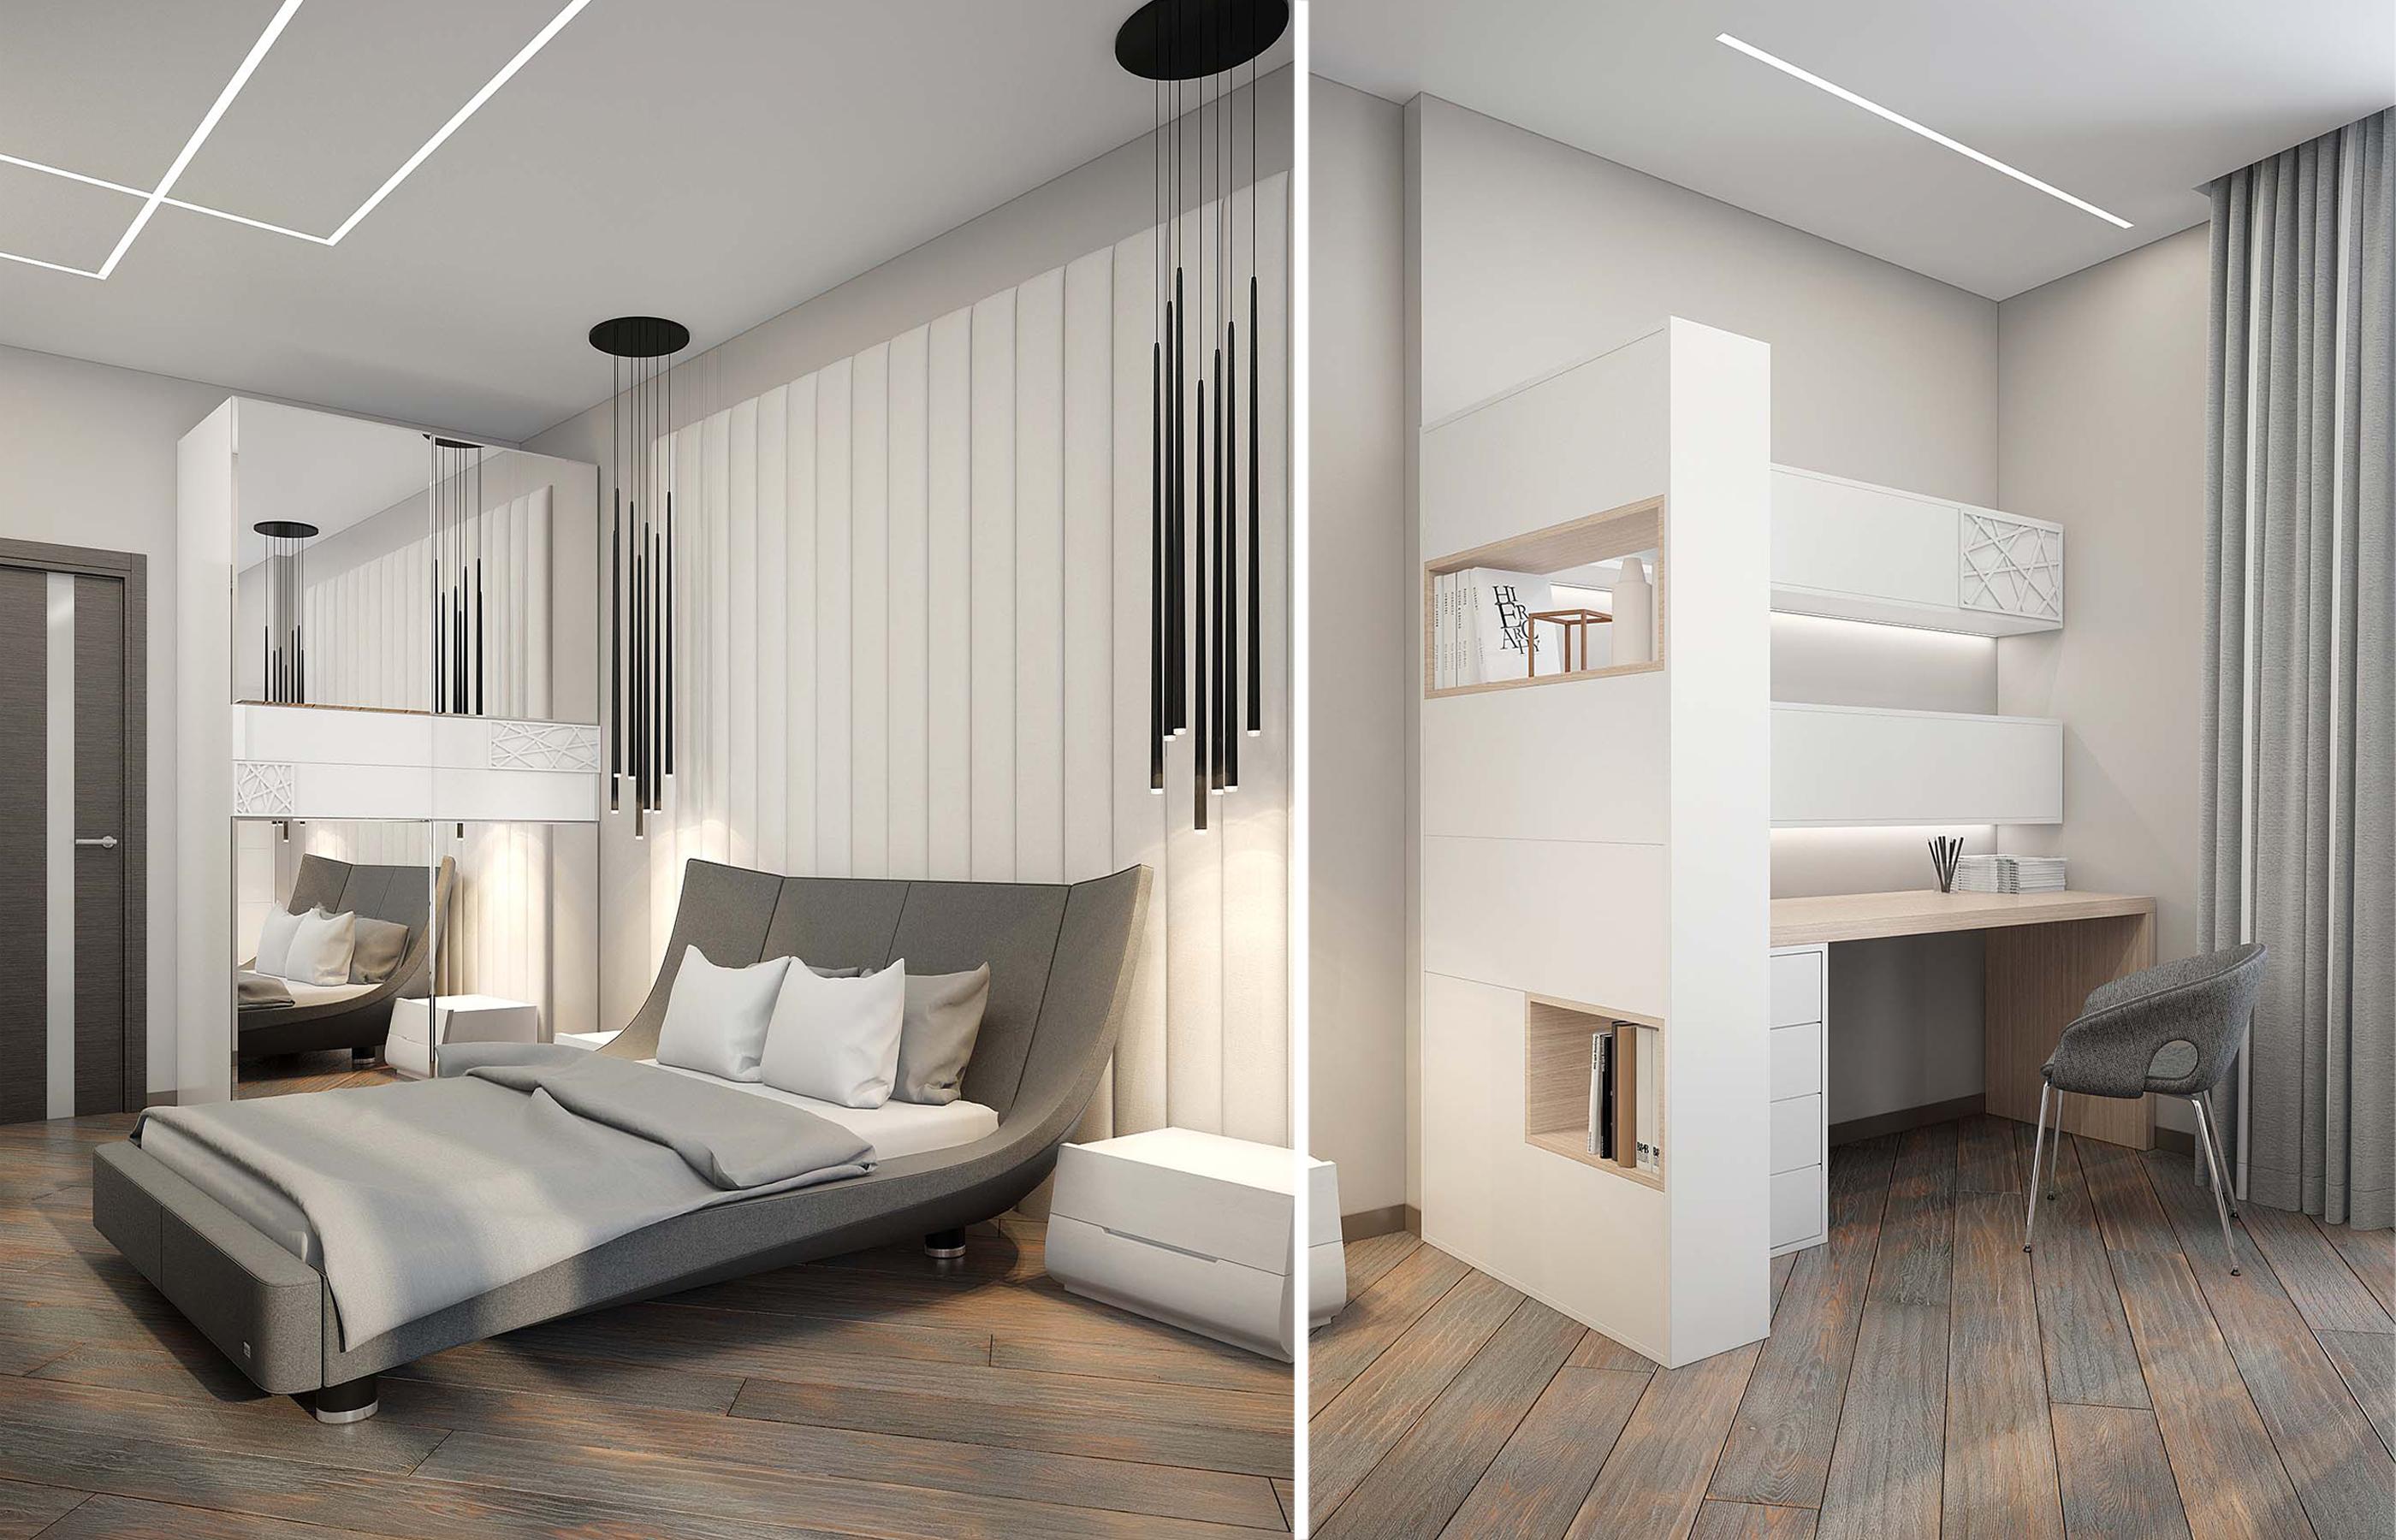 Рабочая зона и зона отдыха в интерьере спальни